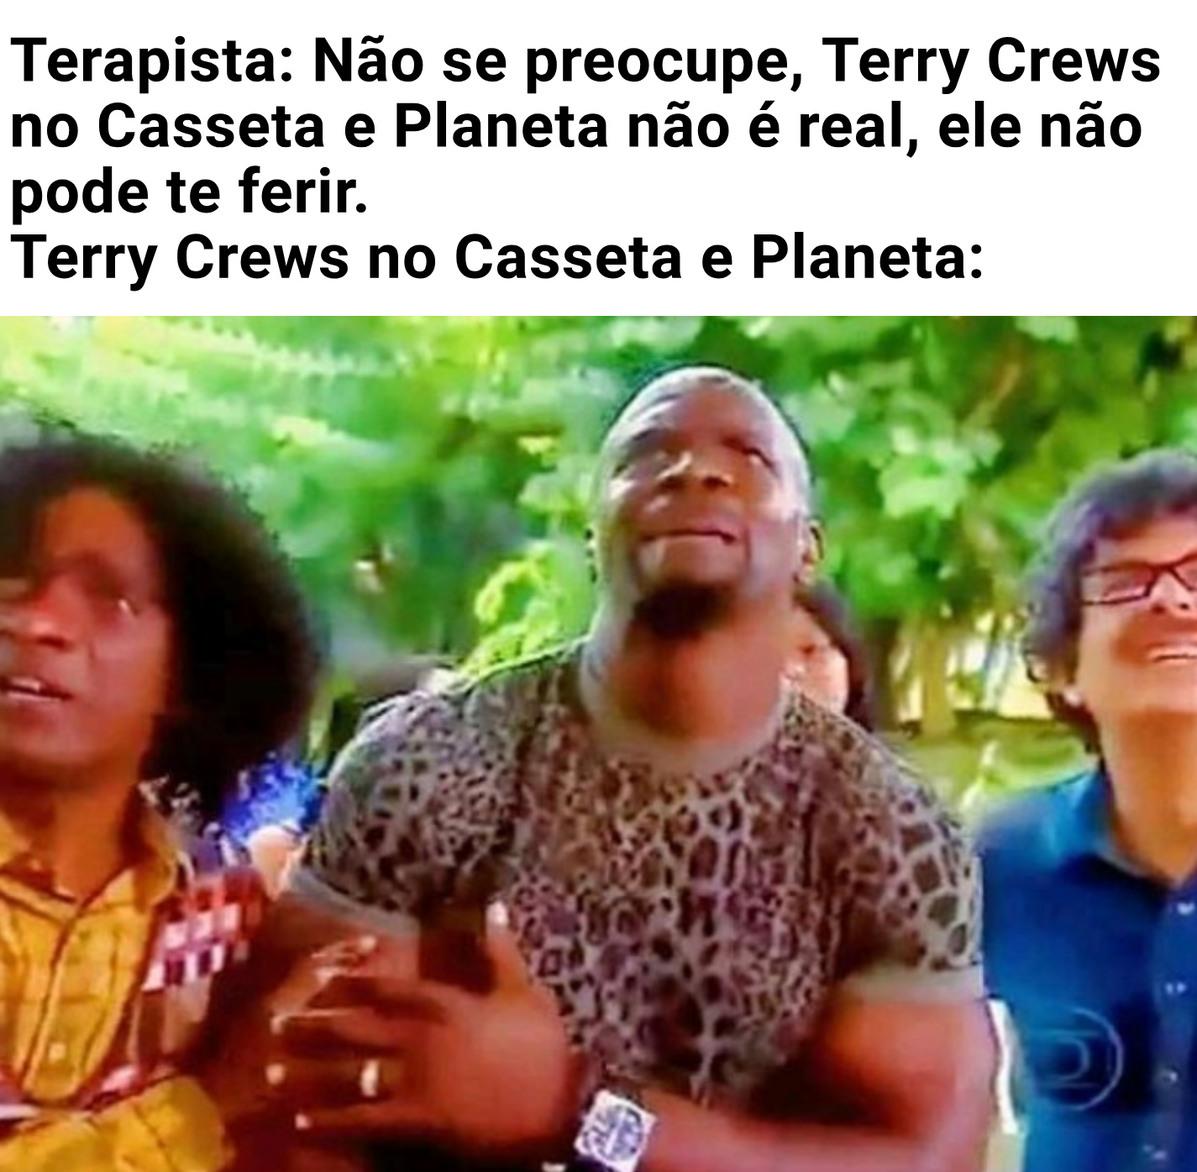 Benzema no Botafogo - meme